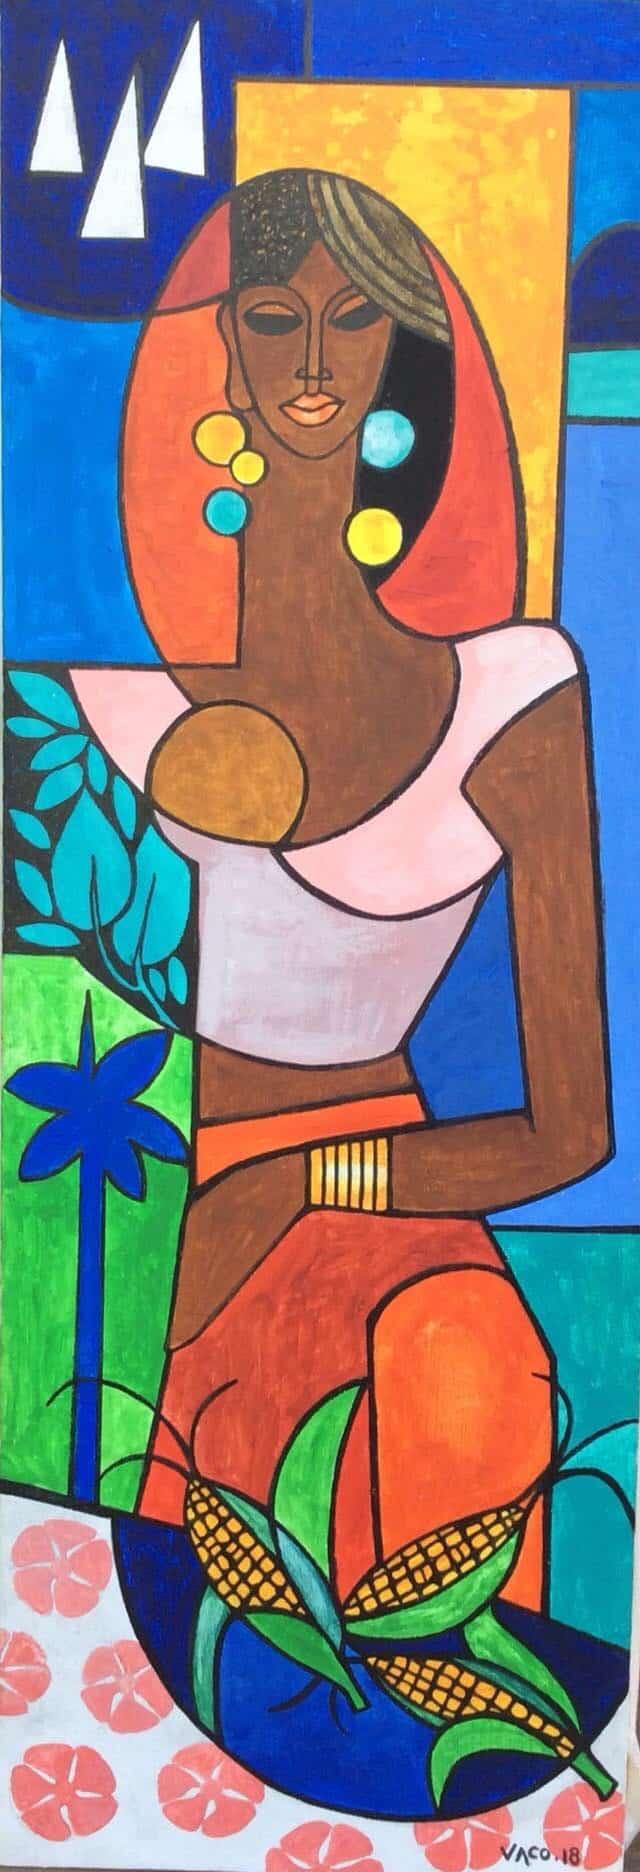 mauritius_arts_vaco_baissac_princesse_creole